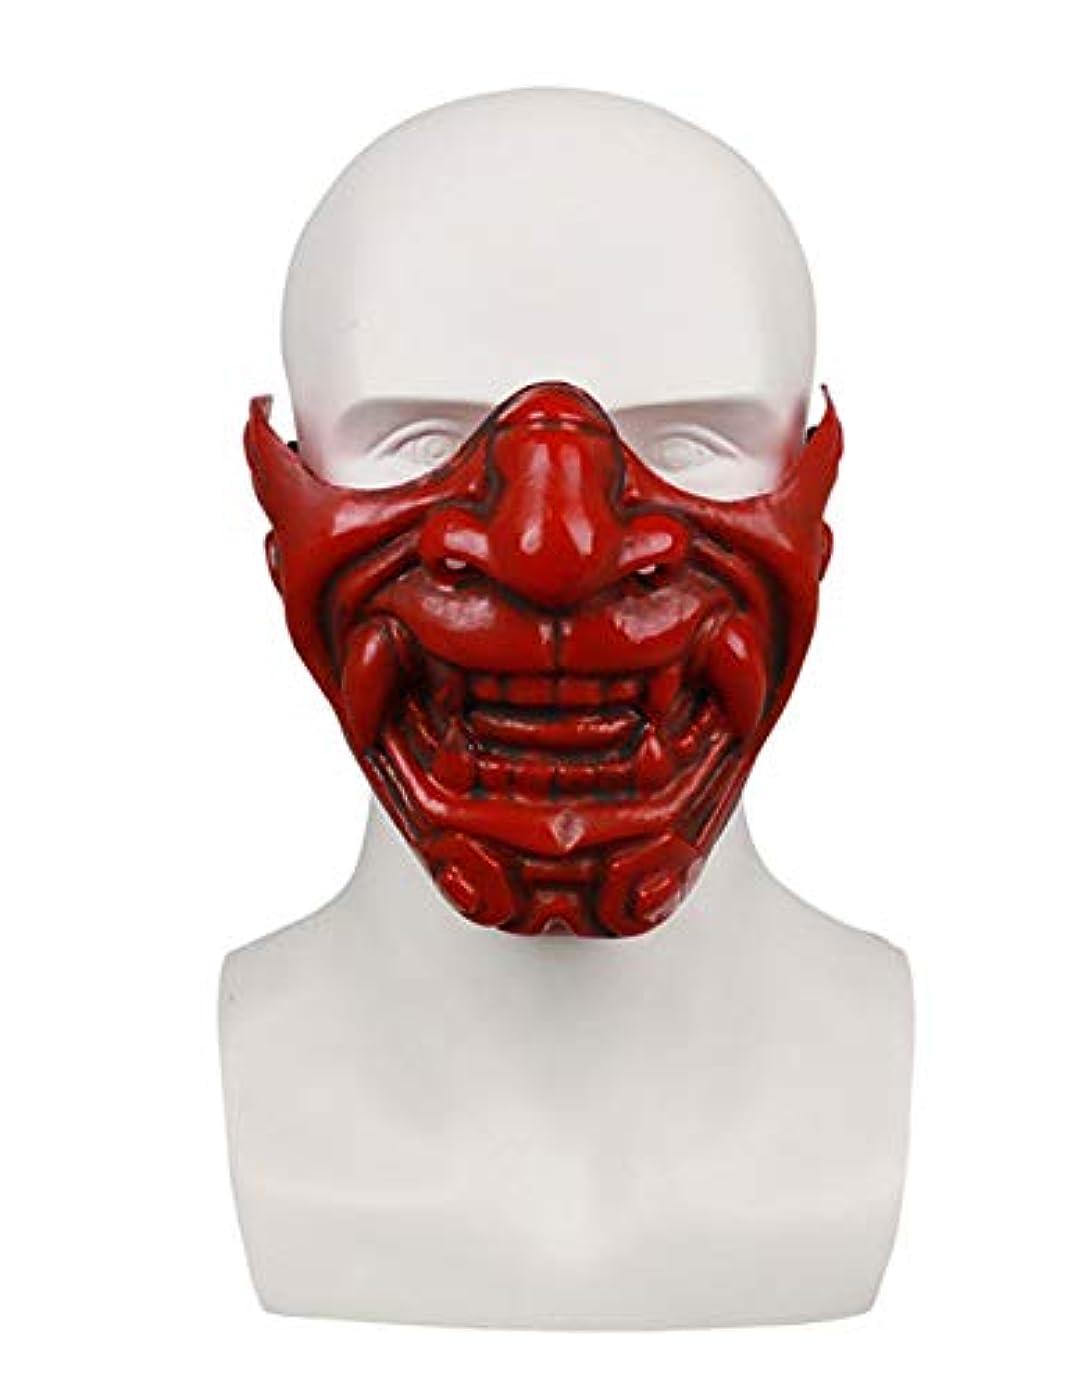 くしゃくしゃアドバイス暖かくハロウィーンハーフフェイスマスクホラーデビルマスク映画の小道具仮装マスク (Color : RED)